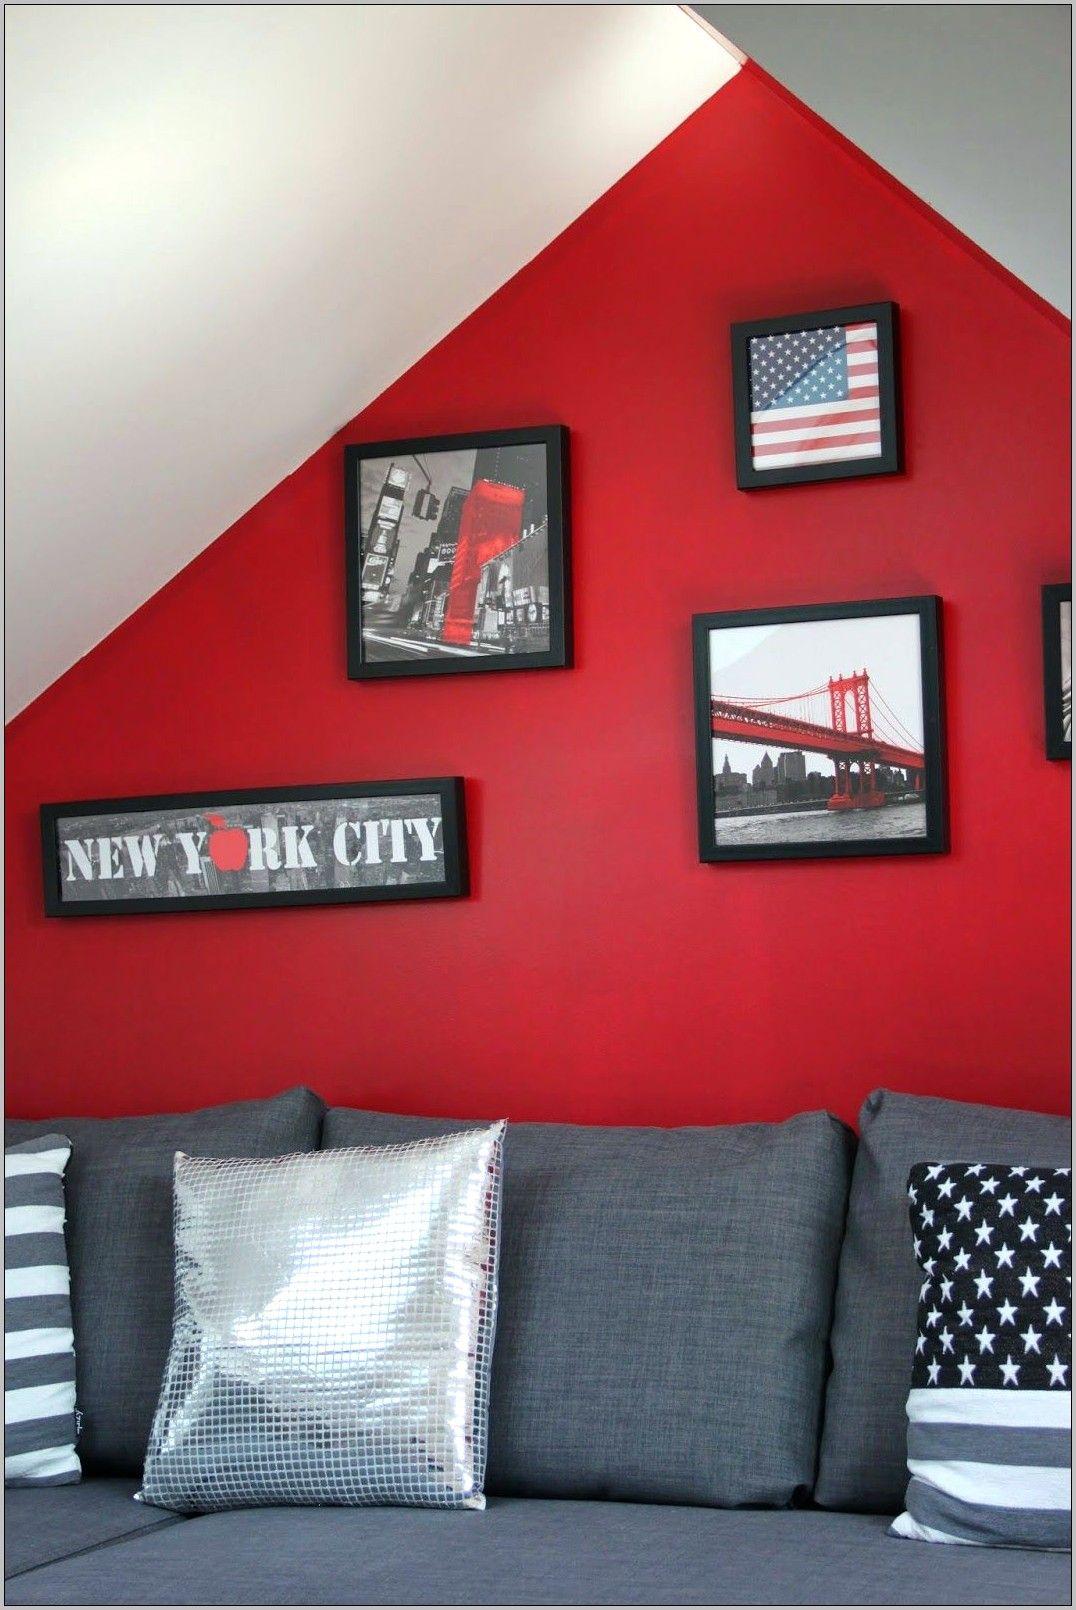 Chambre Grise Deco Rouge Fille Deco Chambre New York Deco Chambre Ado Garcon Deco Chambre Garcon